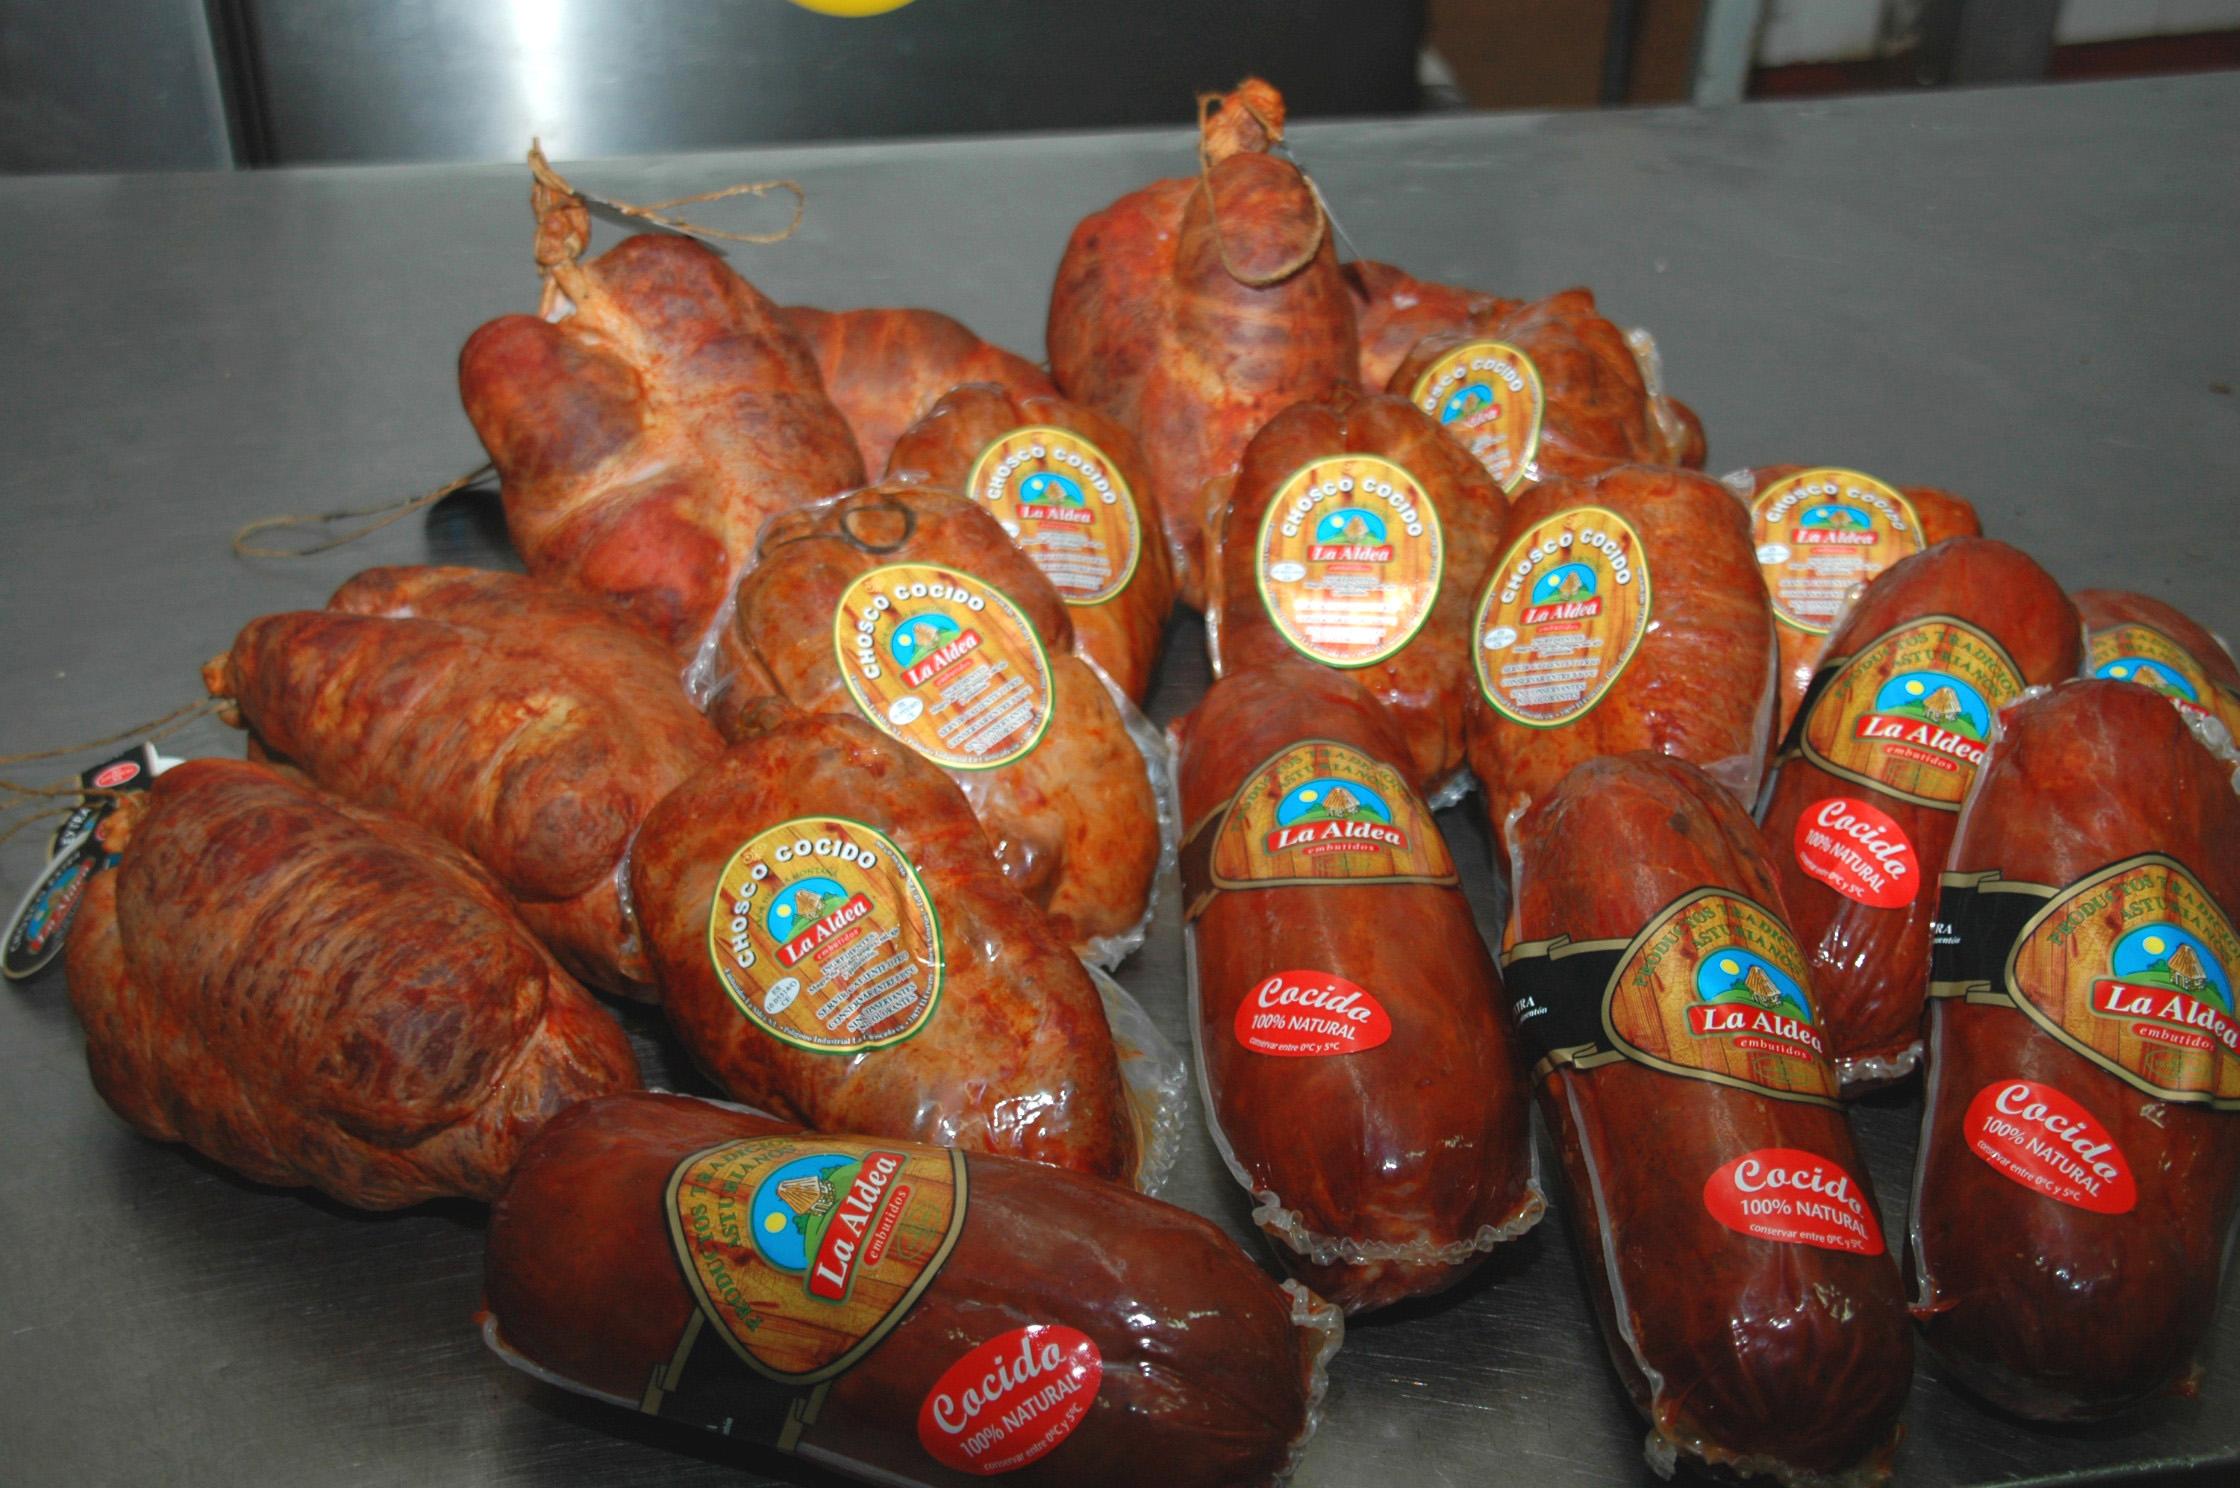 TINEO.-Niños y niñas practican mañana la cocina innovadora con Chosco de Tineo.